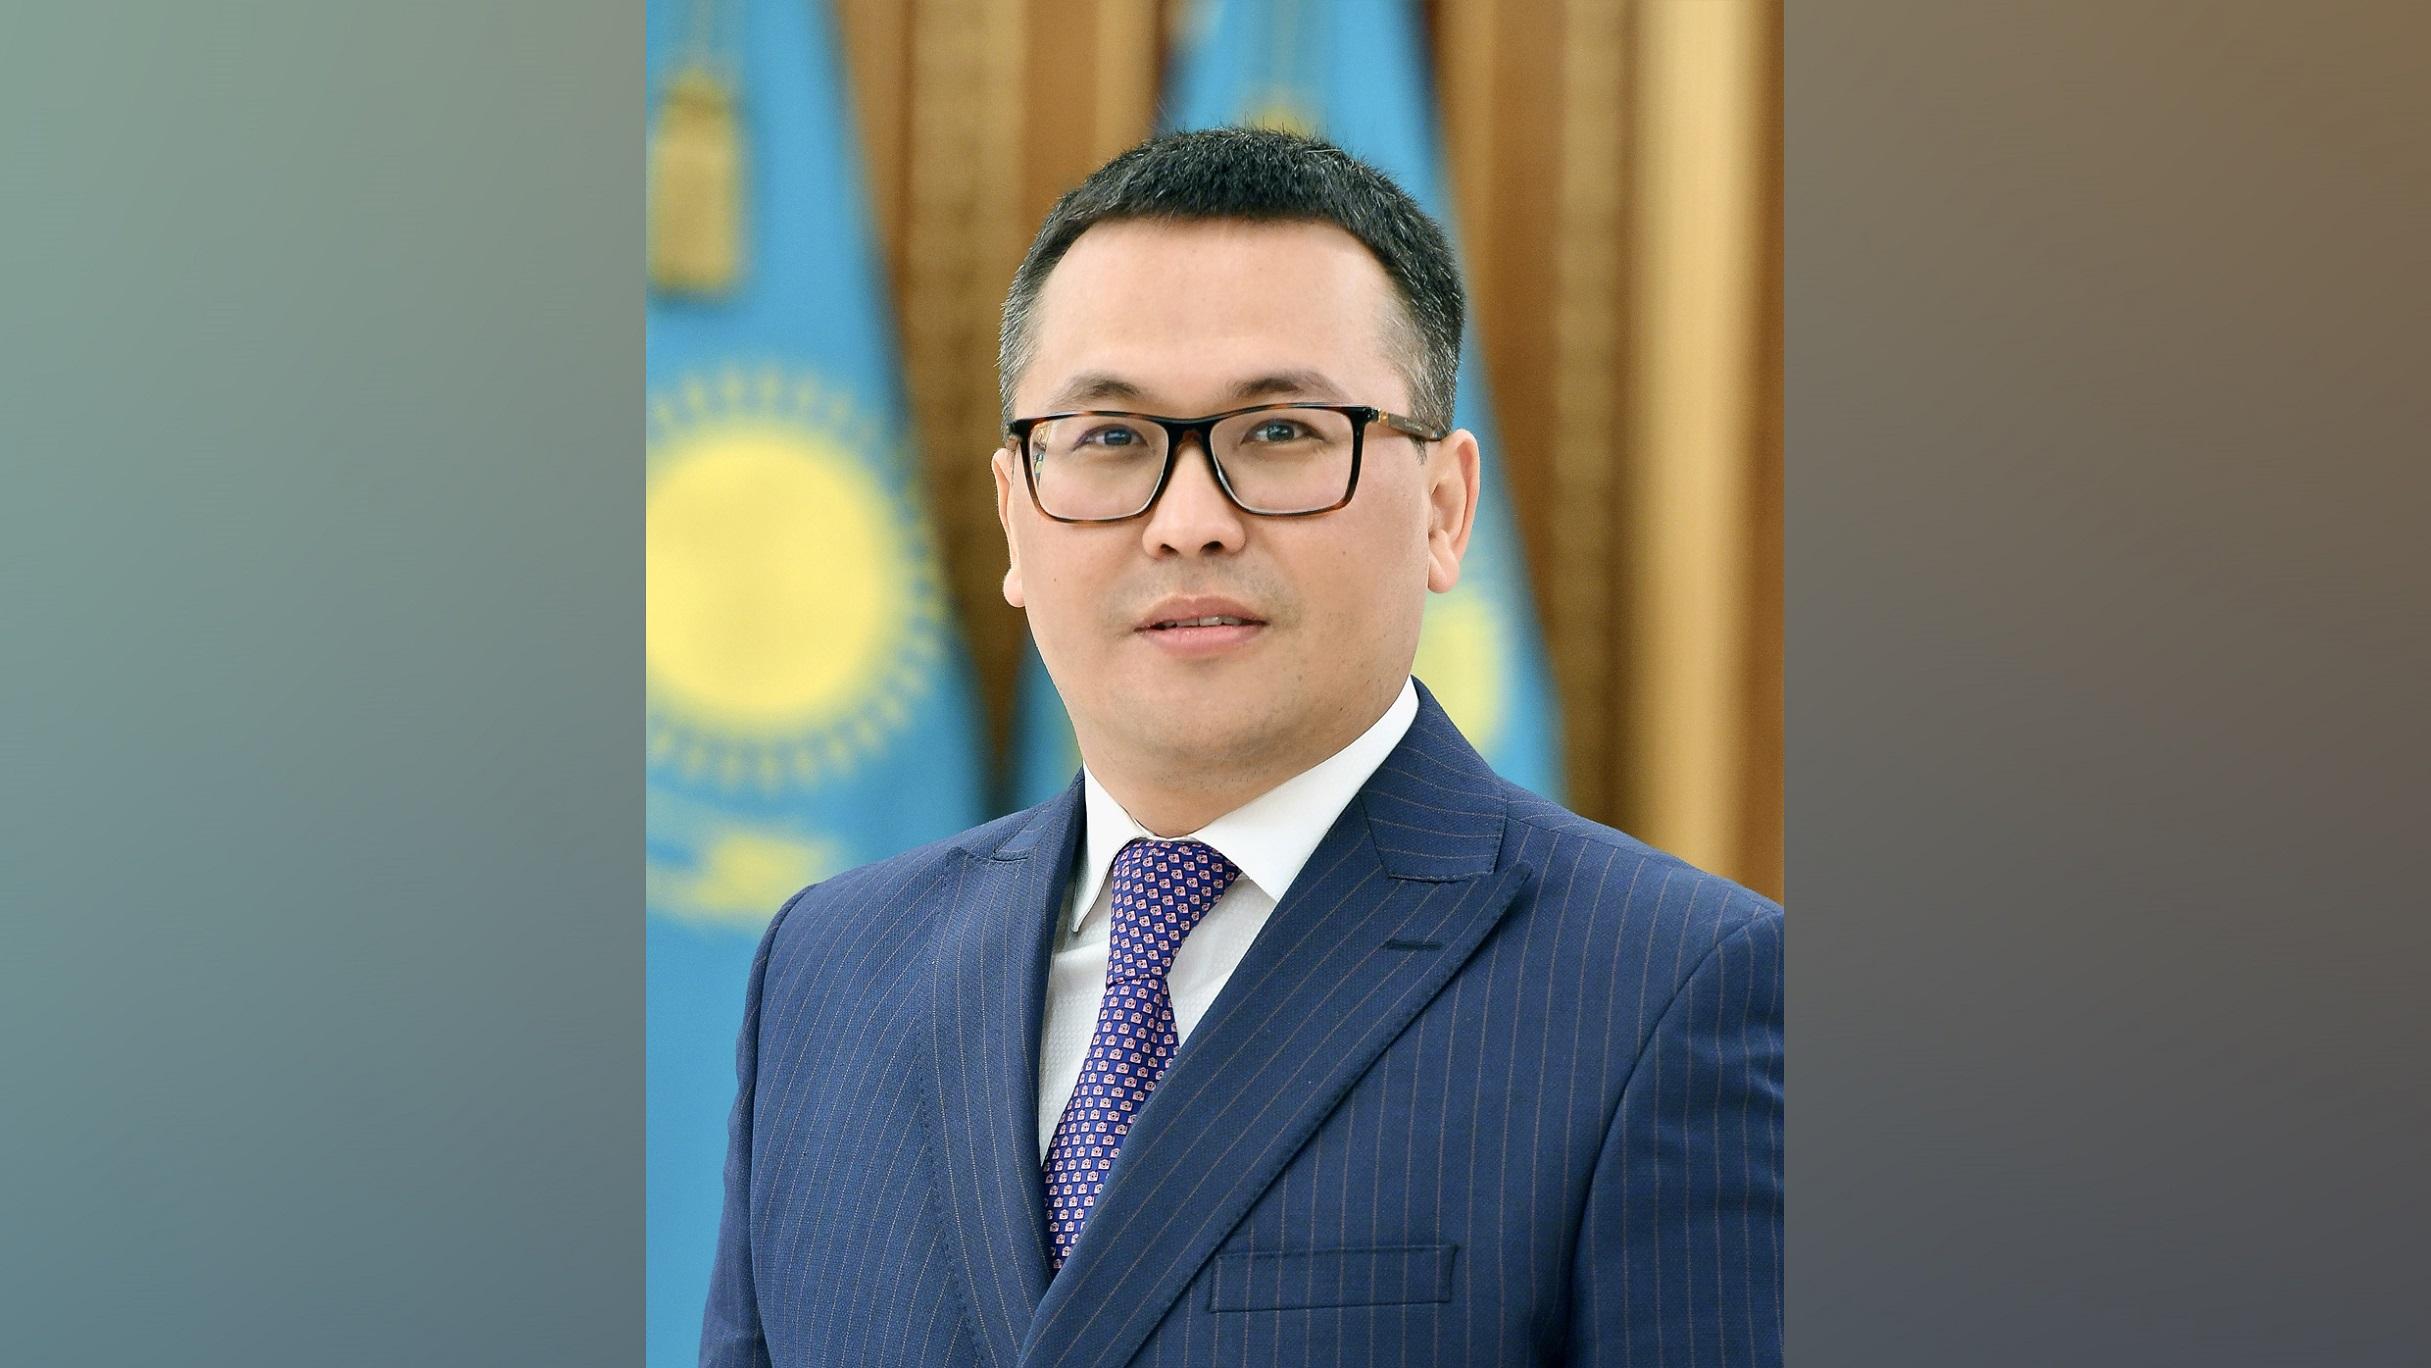 Досье: Искаков Канат Жумабаевич, досье, Искаков Канат, МИОР